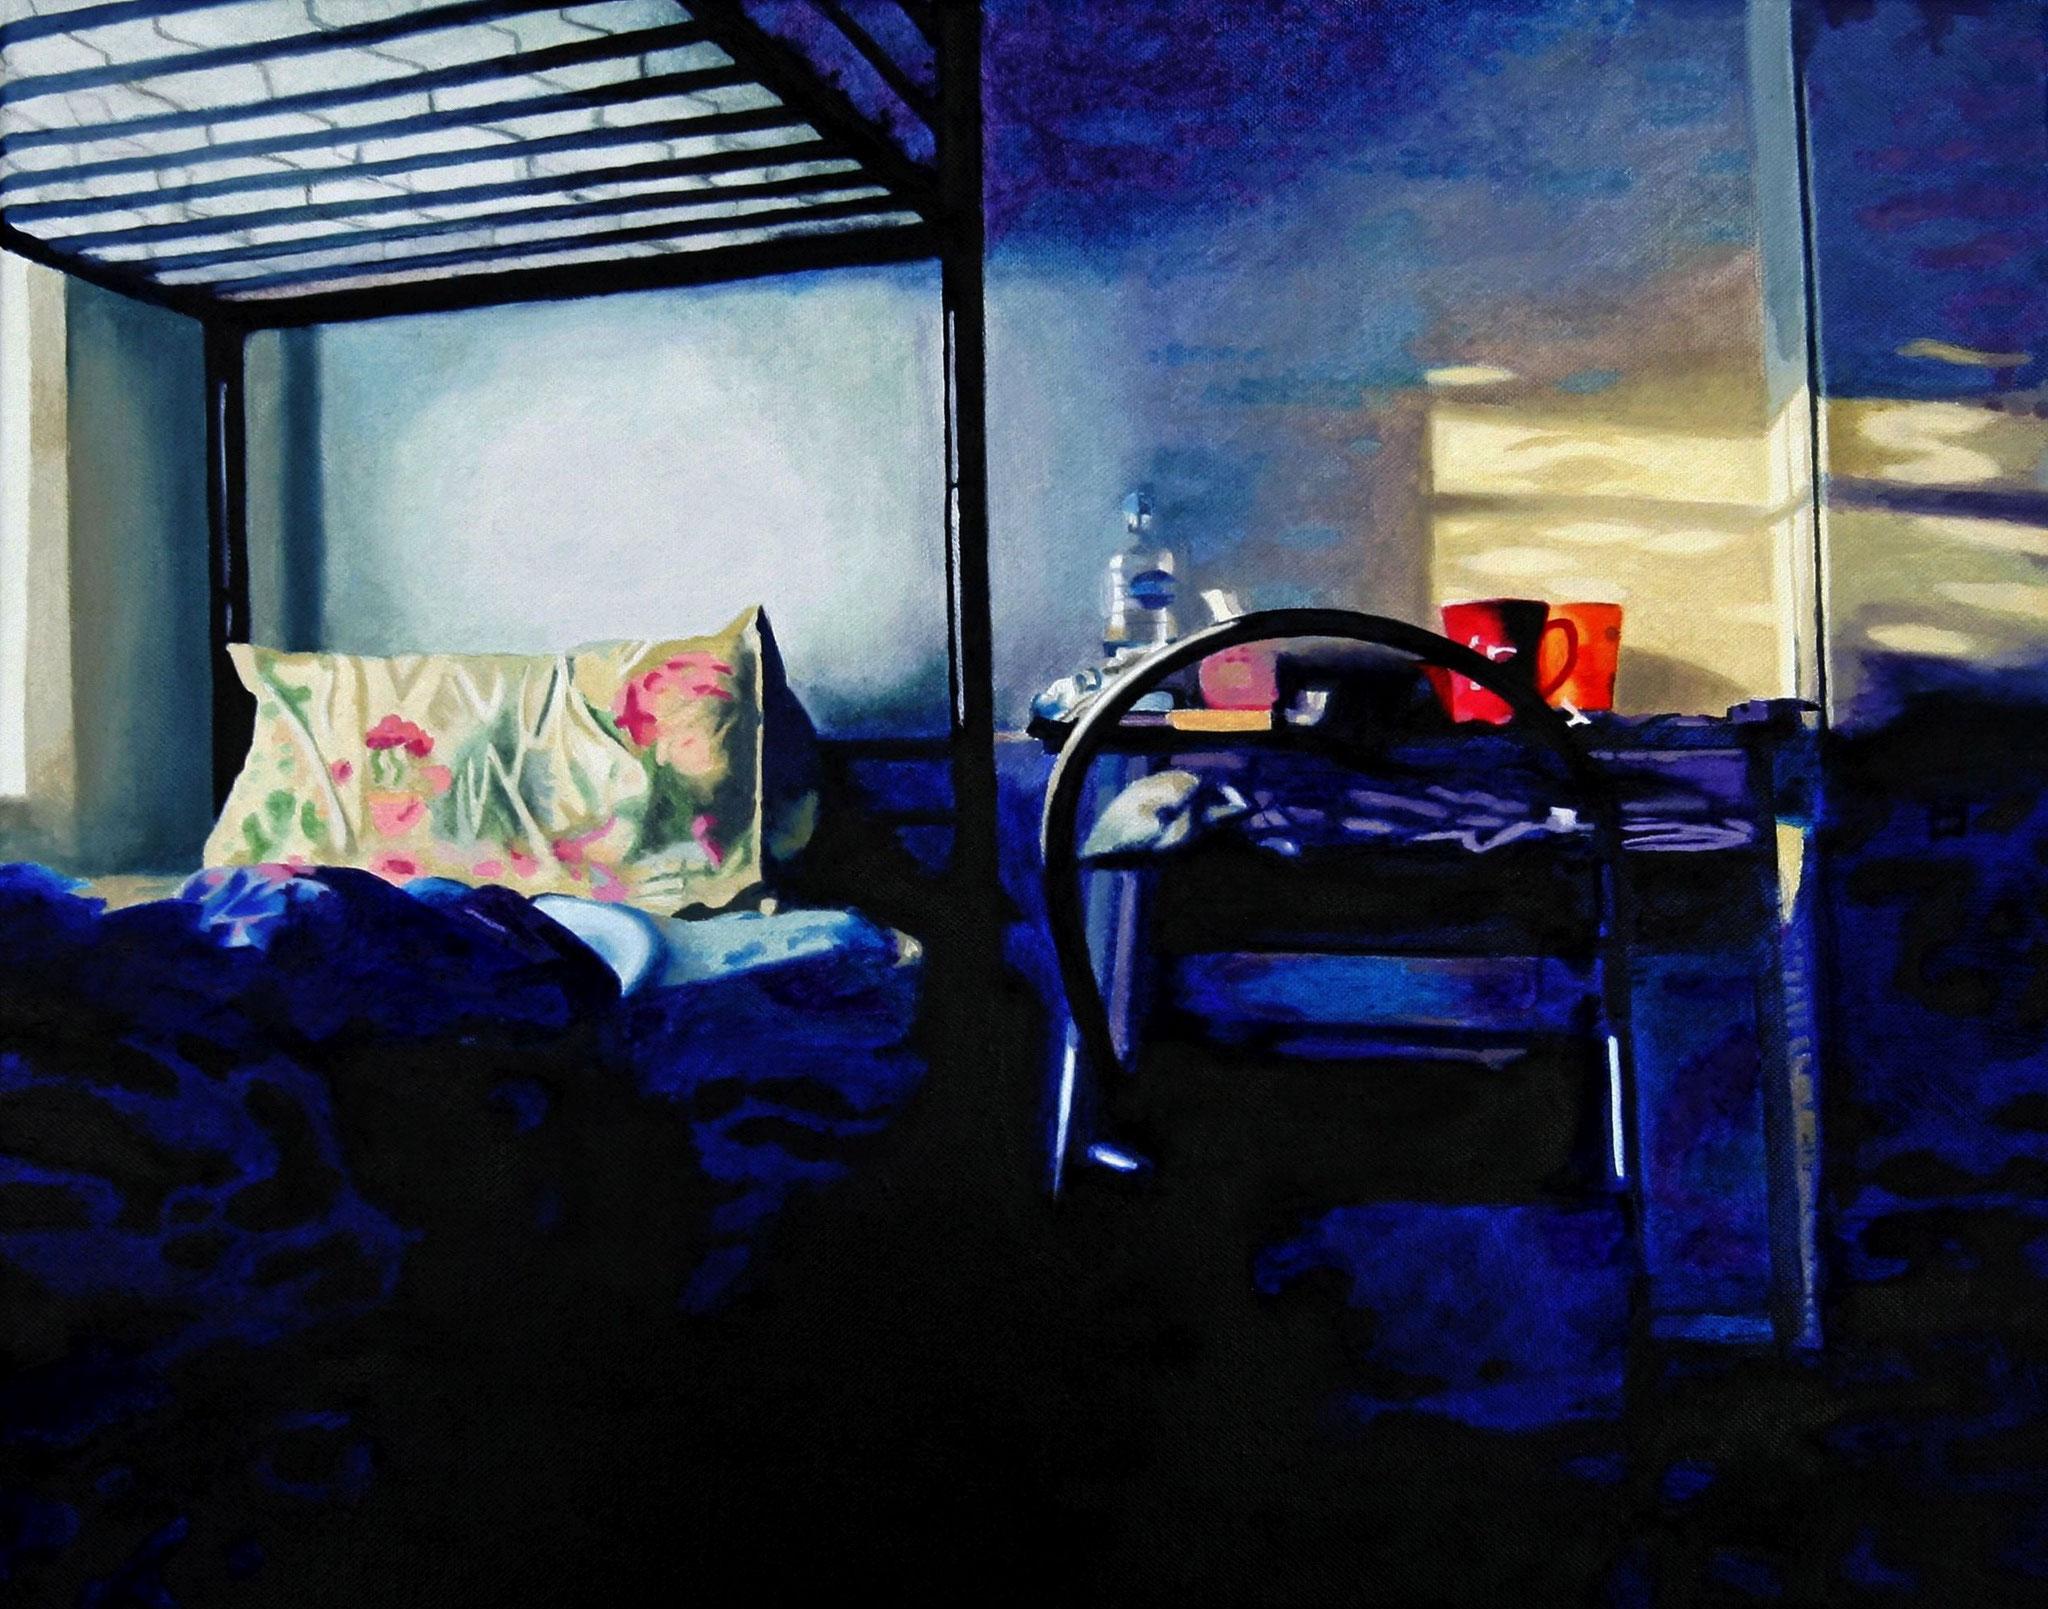 Sharehouse-Room, Oil on Canvas, 50 x 40 cm